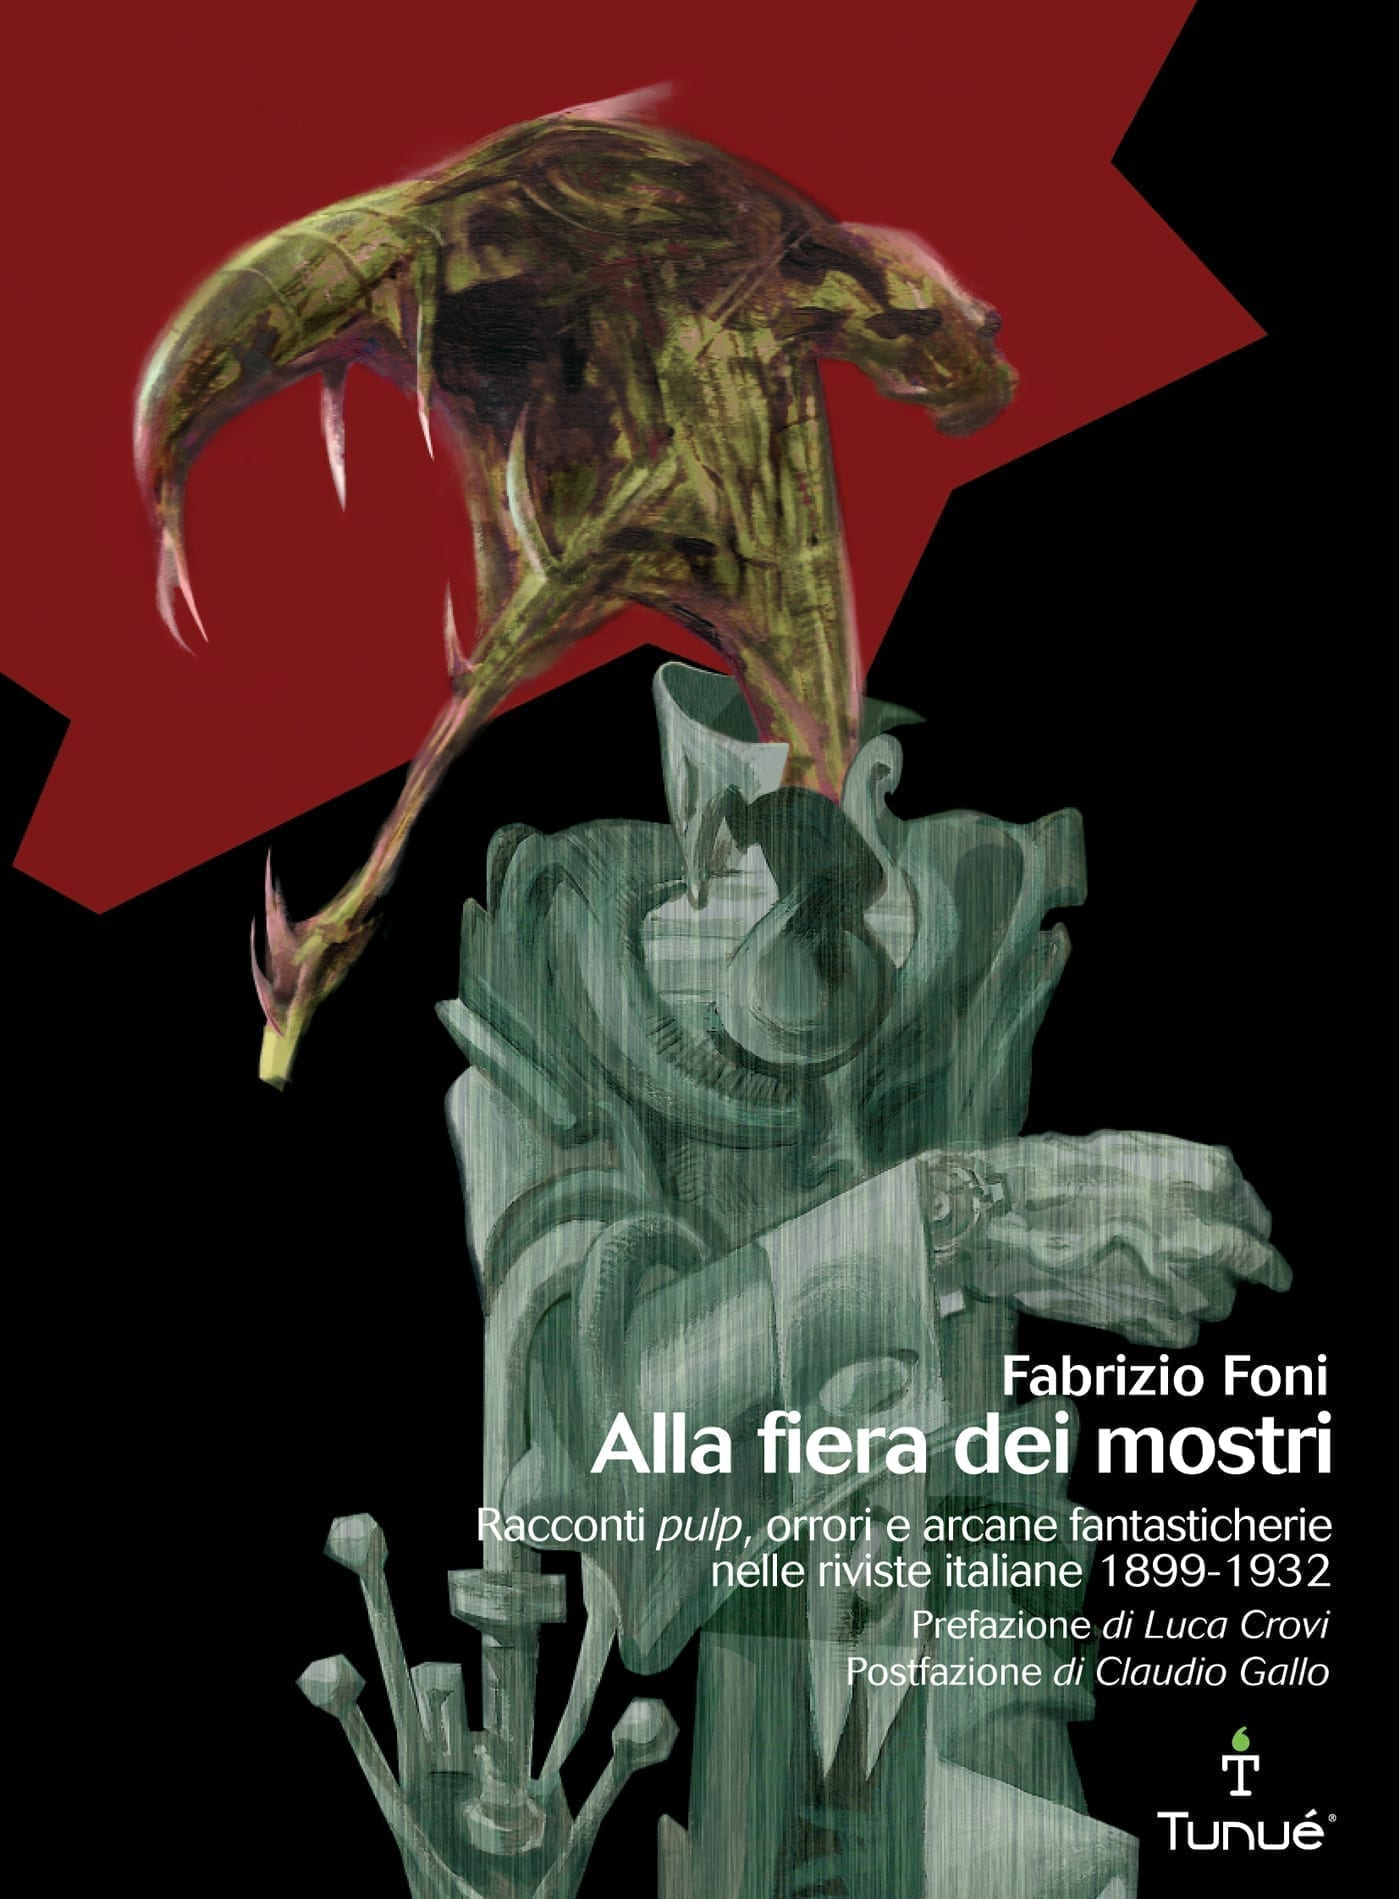 Lapilli_10_Alla_fiera_dei_mostri_Foni_88-89613203